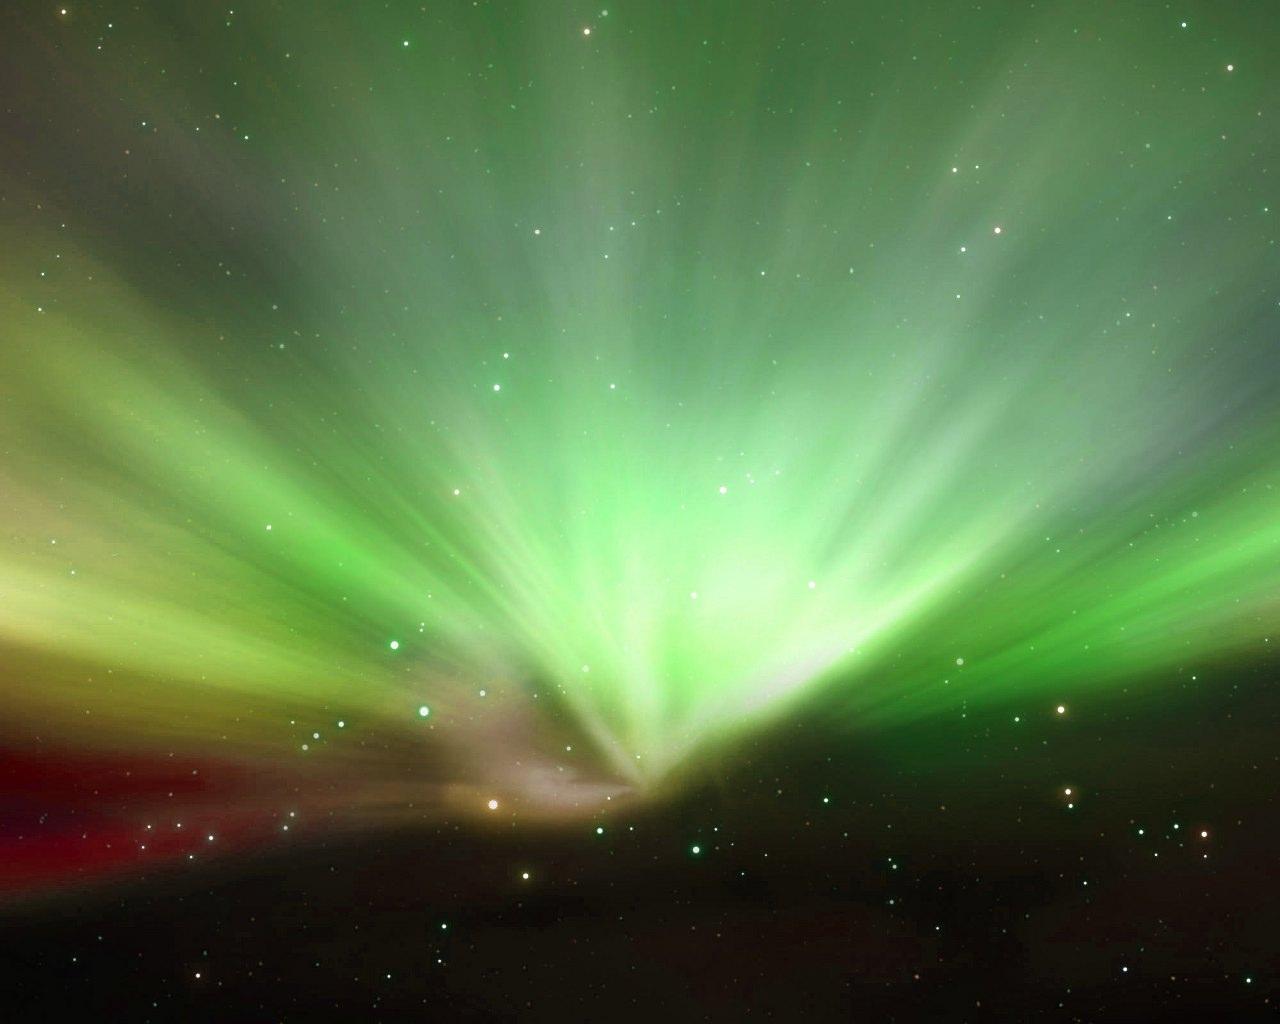 http://1.bp.blogspot.com/_2UbsSBz9ckE/TEHqItWxZnI/AAAAAAAABRg/3C6I-LaAfJA/s1600/aurora%20mac7_1280x1024.jpg